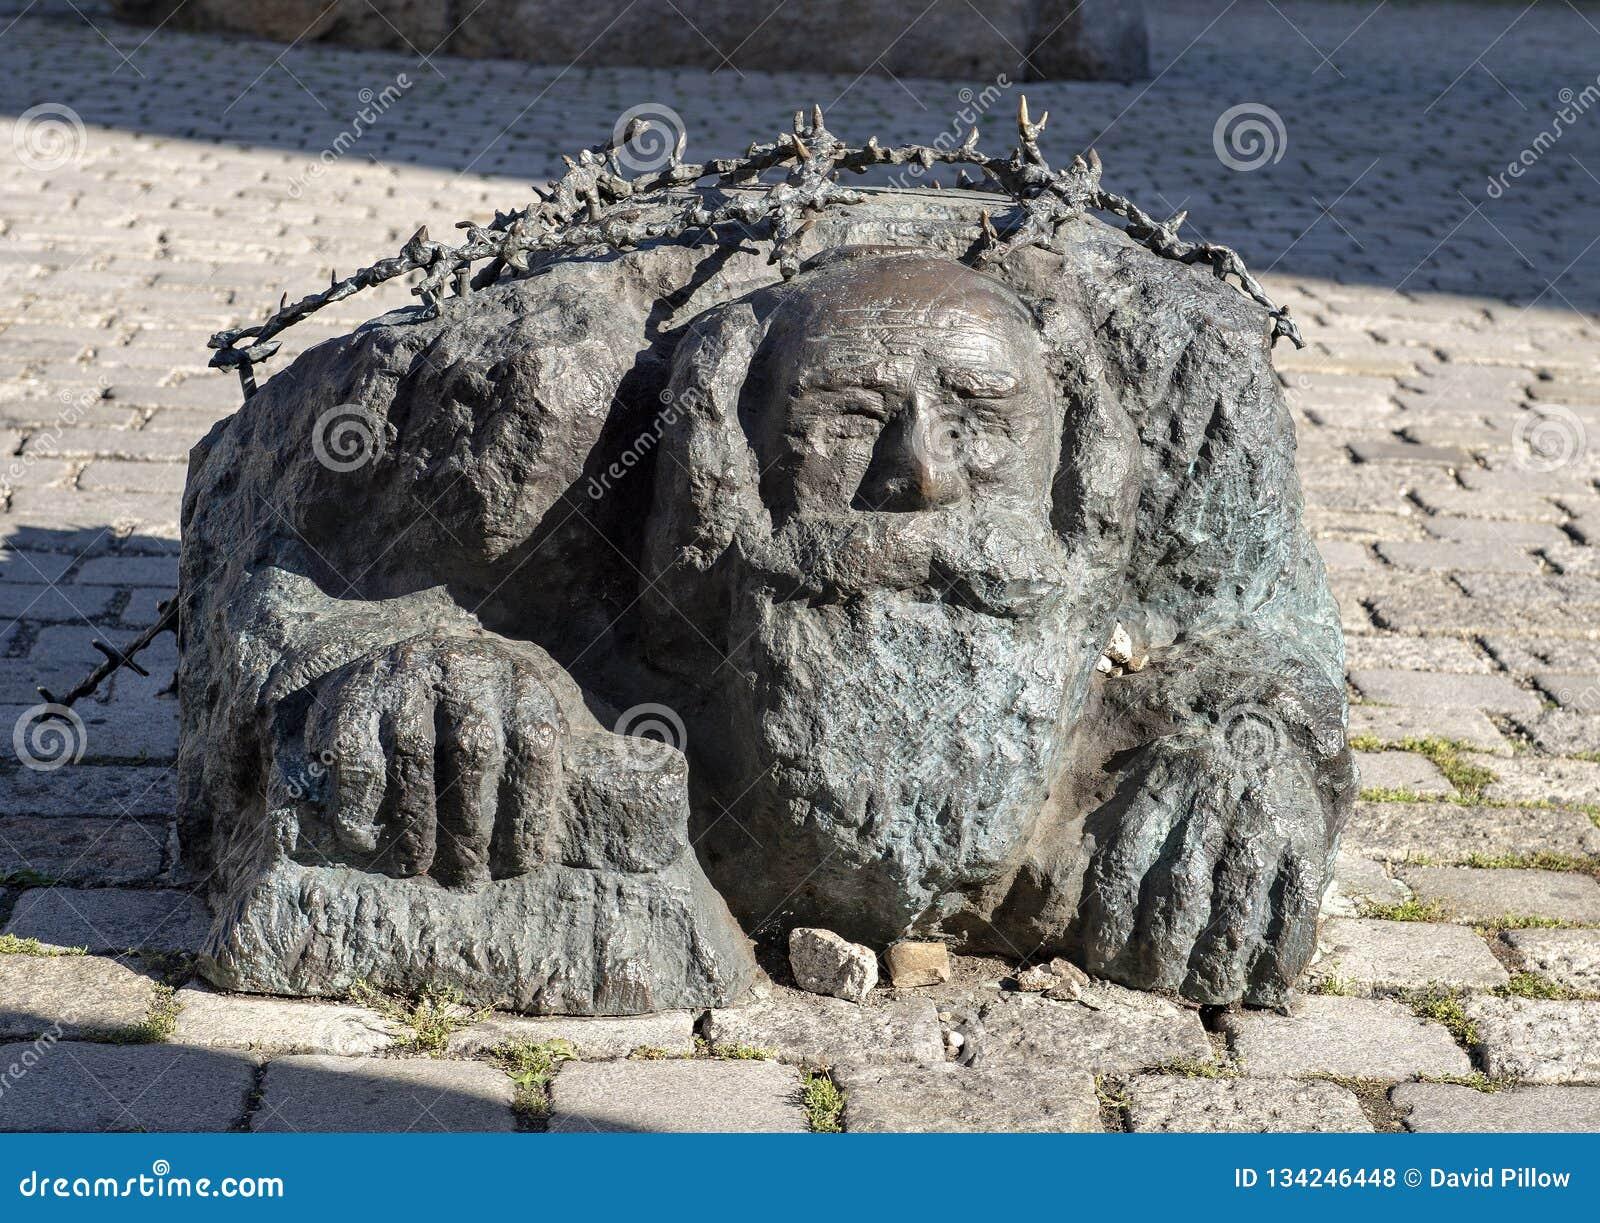 Еврей вставать на колени, часть памятника Vienna's против войны и фашизм